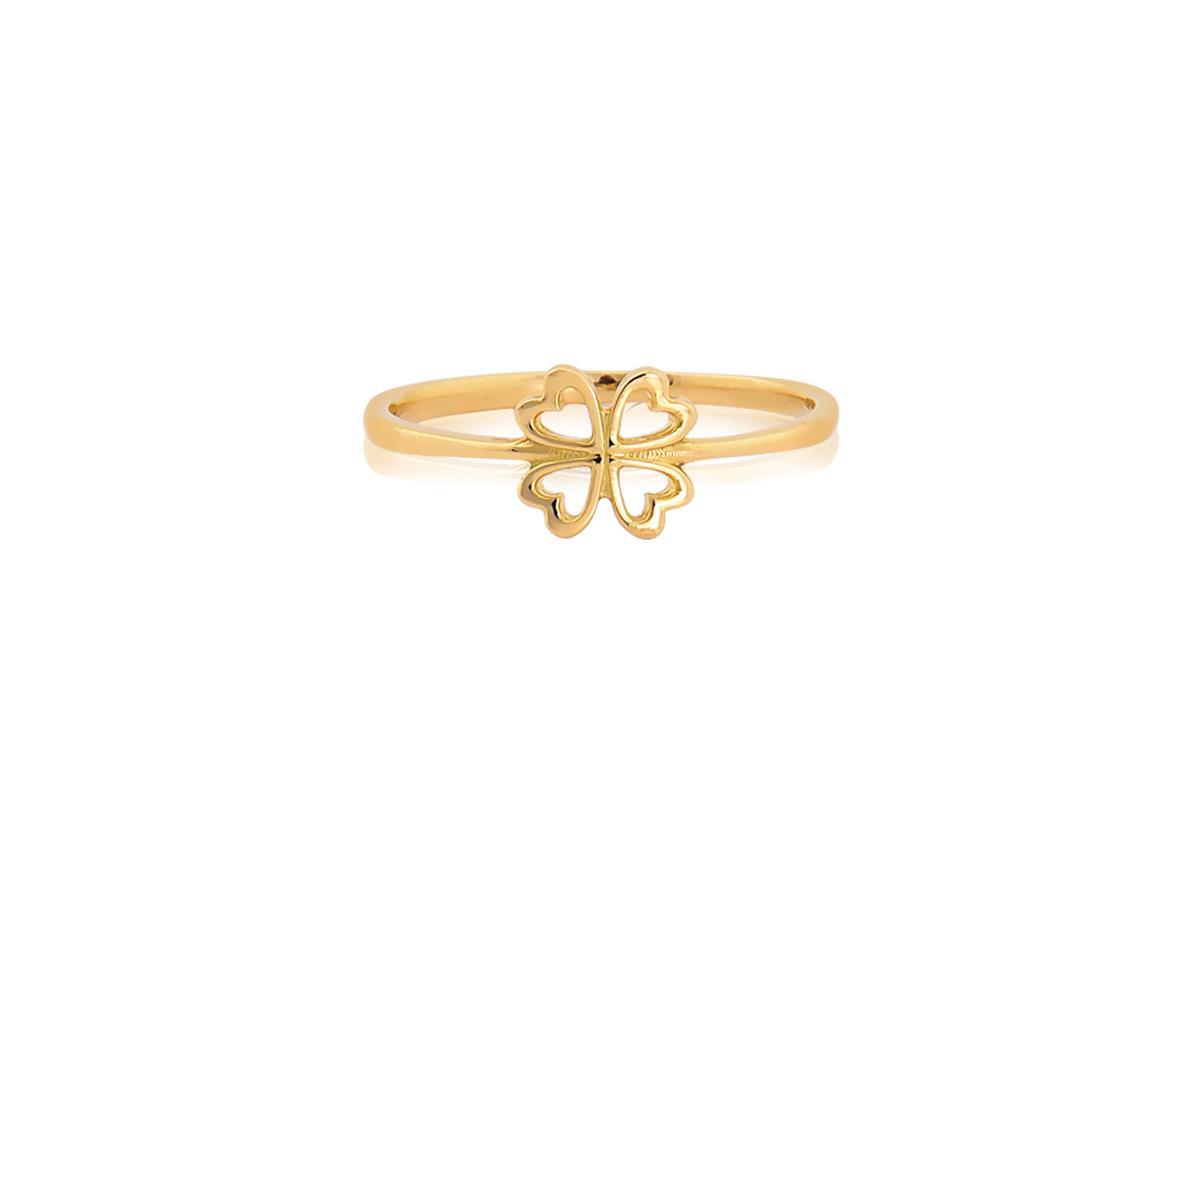 Anel de Ouro Infantil 18k de Trevo - 012486.06773 - Coliseu ff1ffd98e0